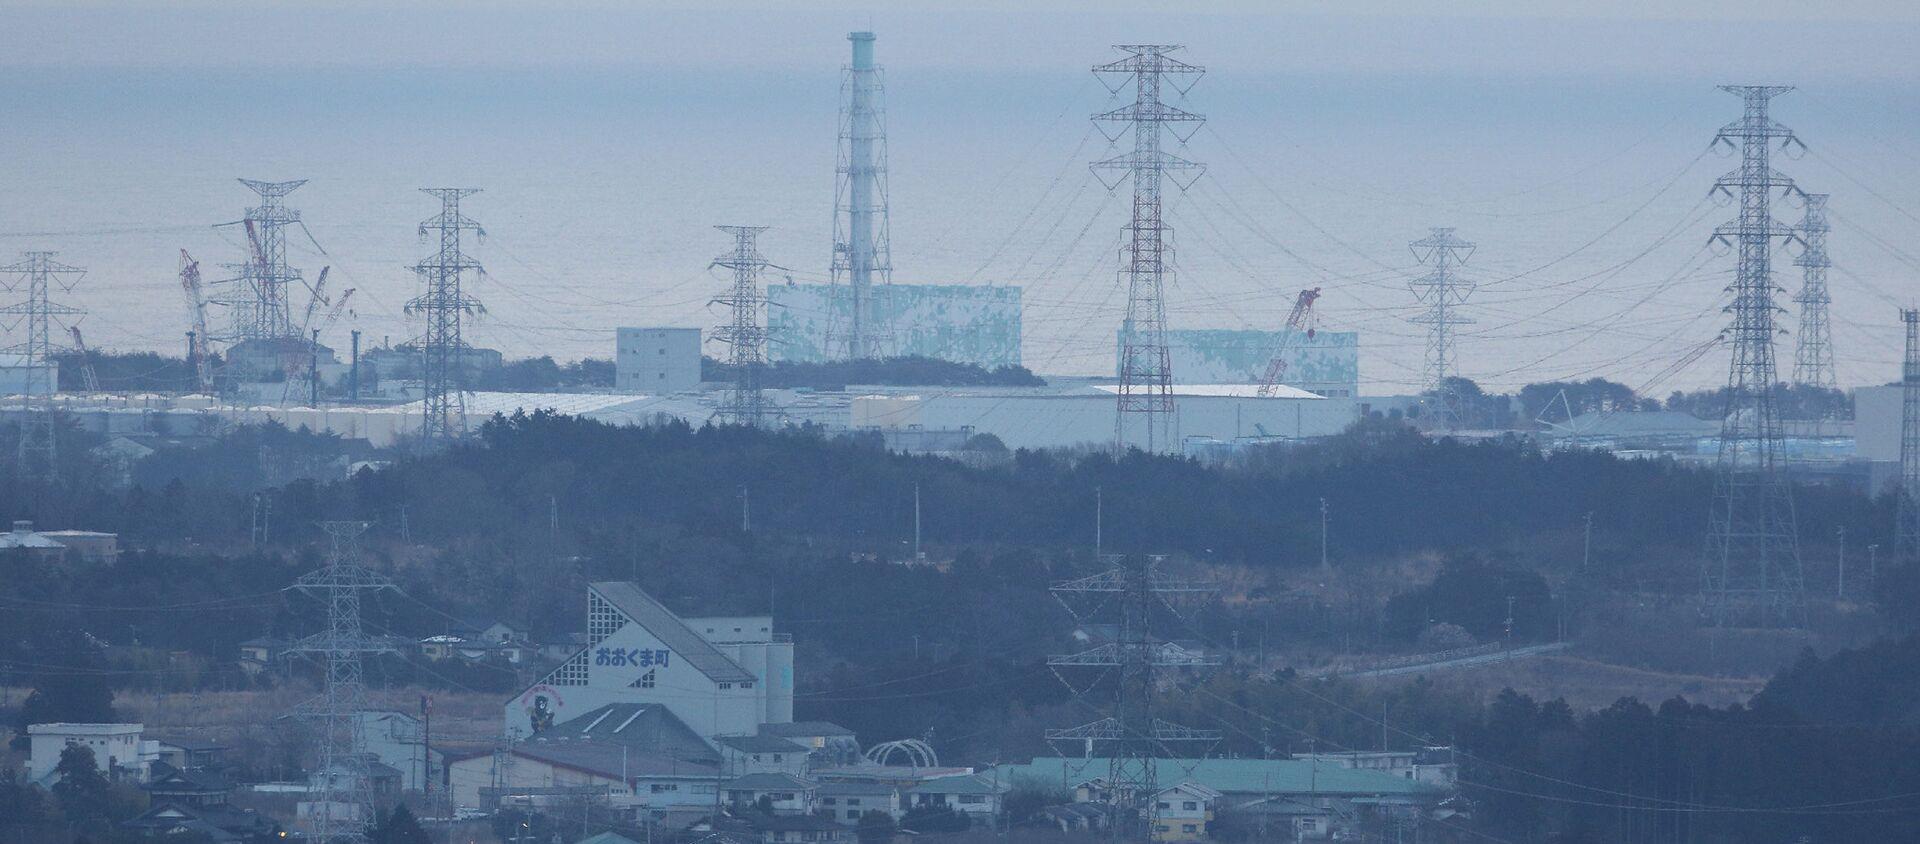 福島県 - Sputnik 日本, 1920, 05.03.2021